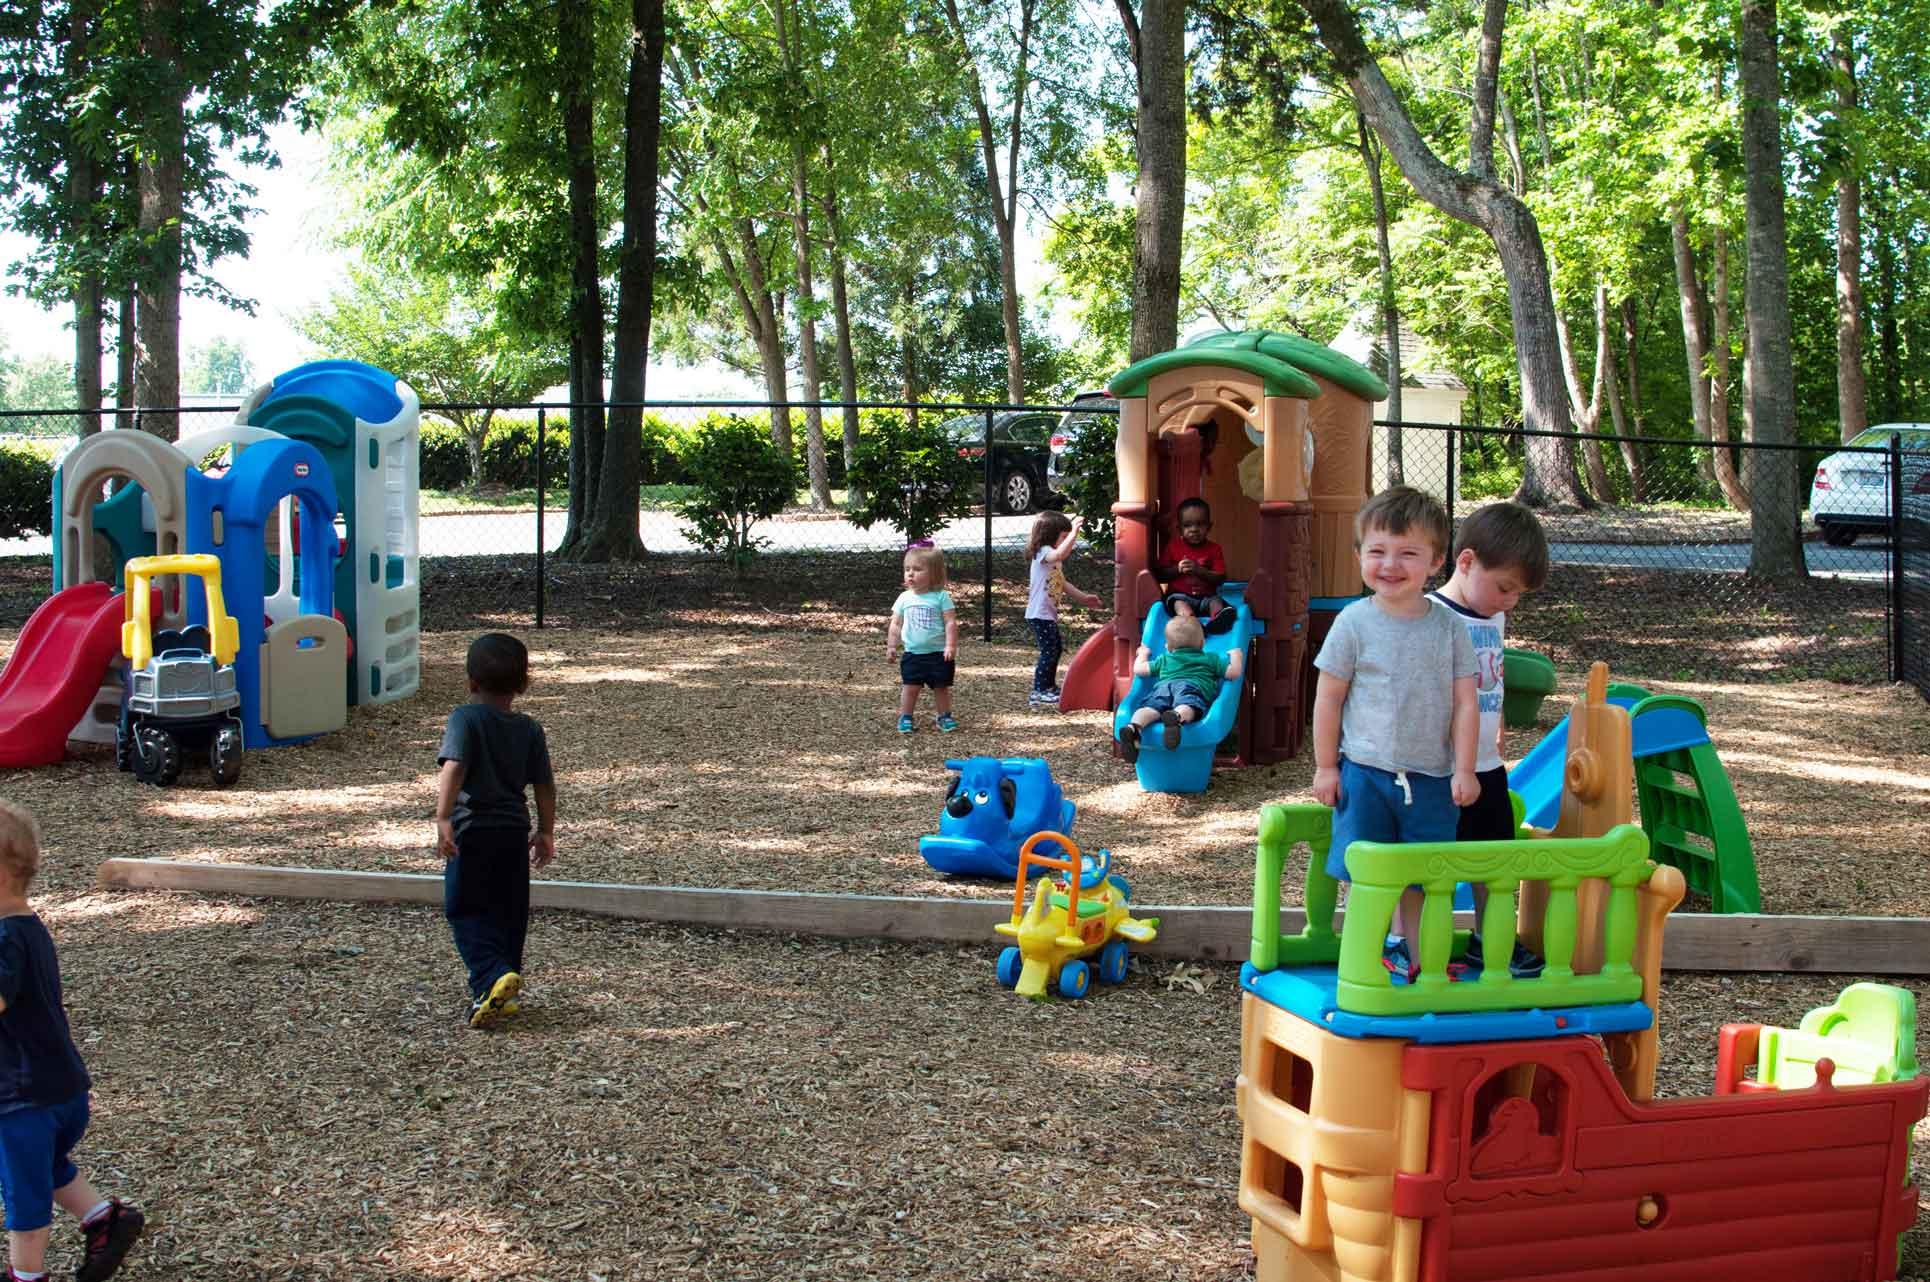 Playgound-and-Summer-Camp-at-Burlington-Christian-School-Faith-Christian-Academy